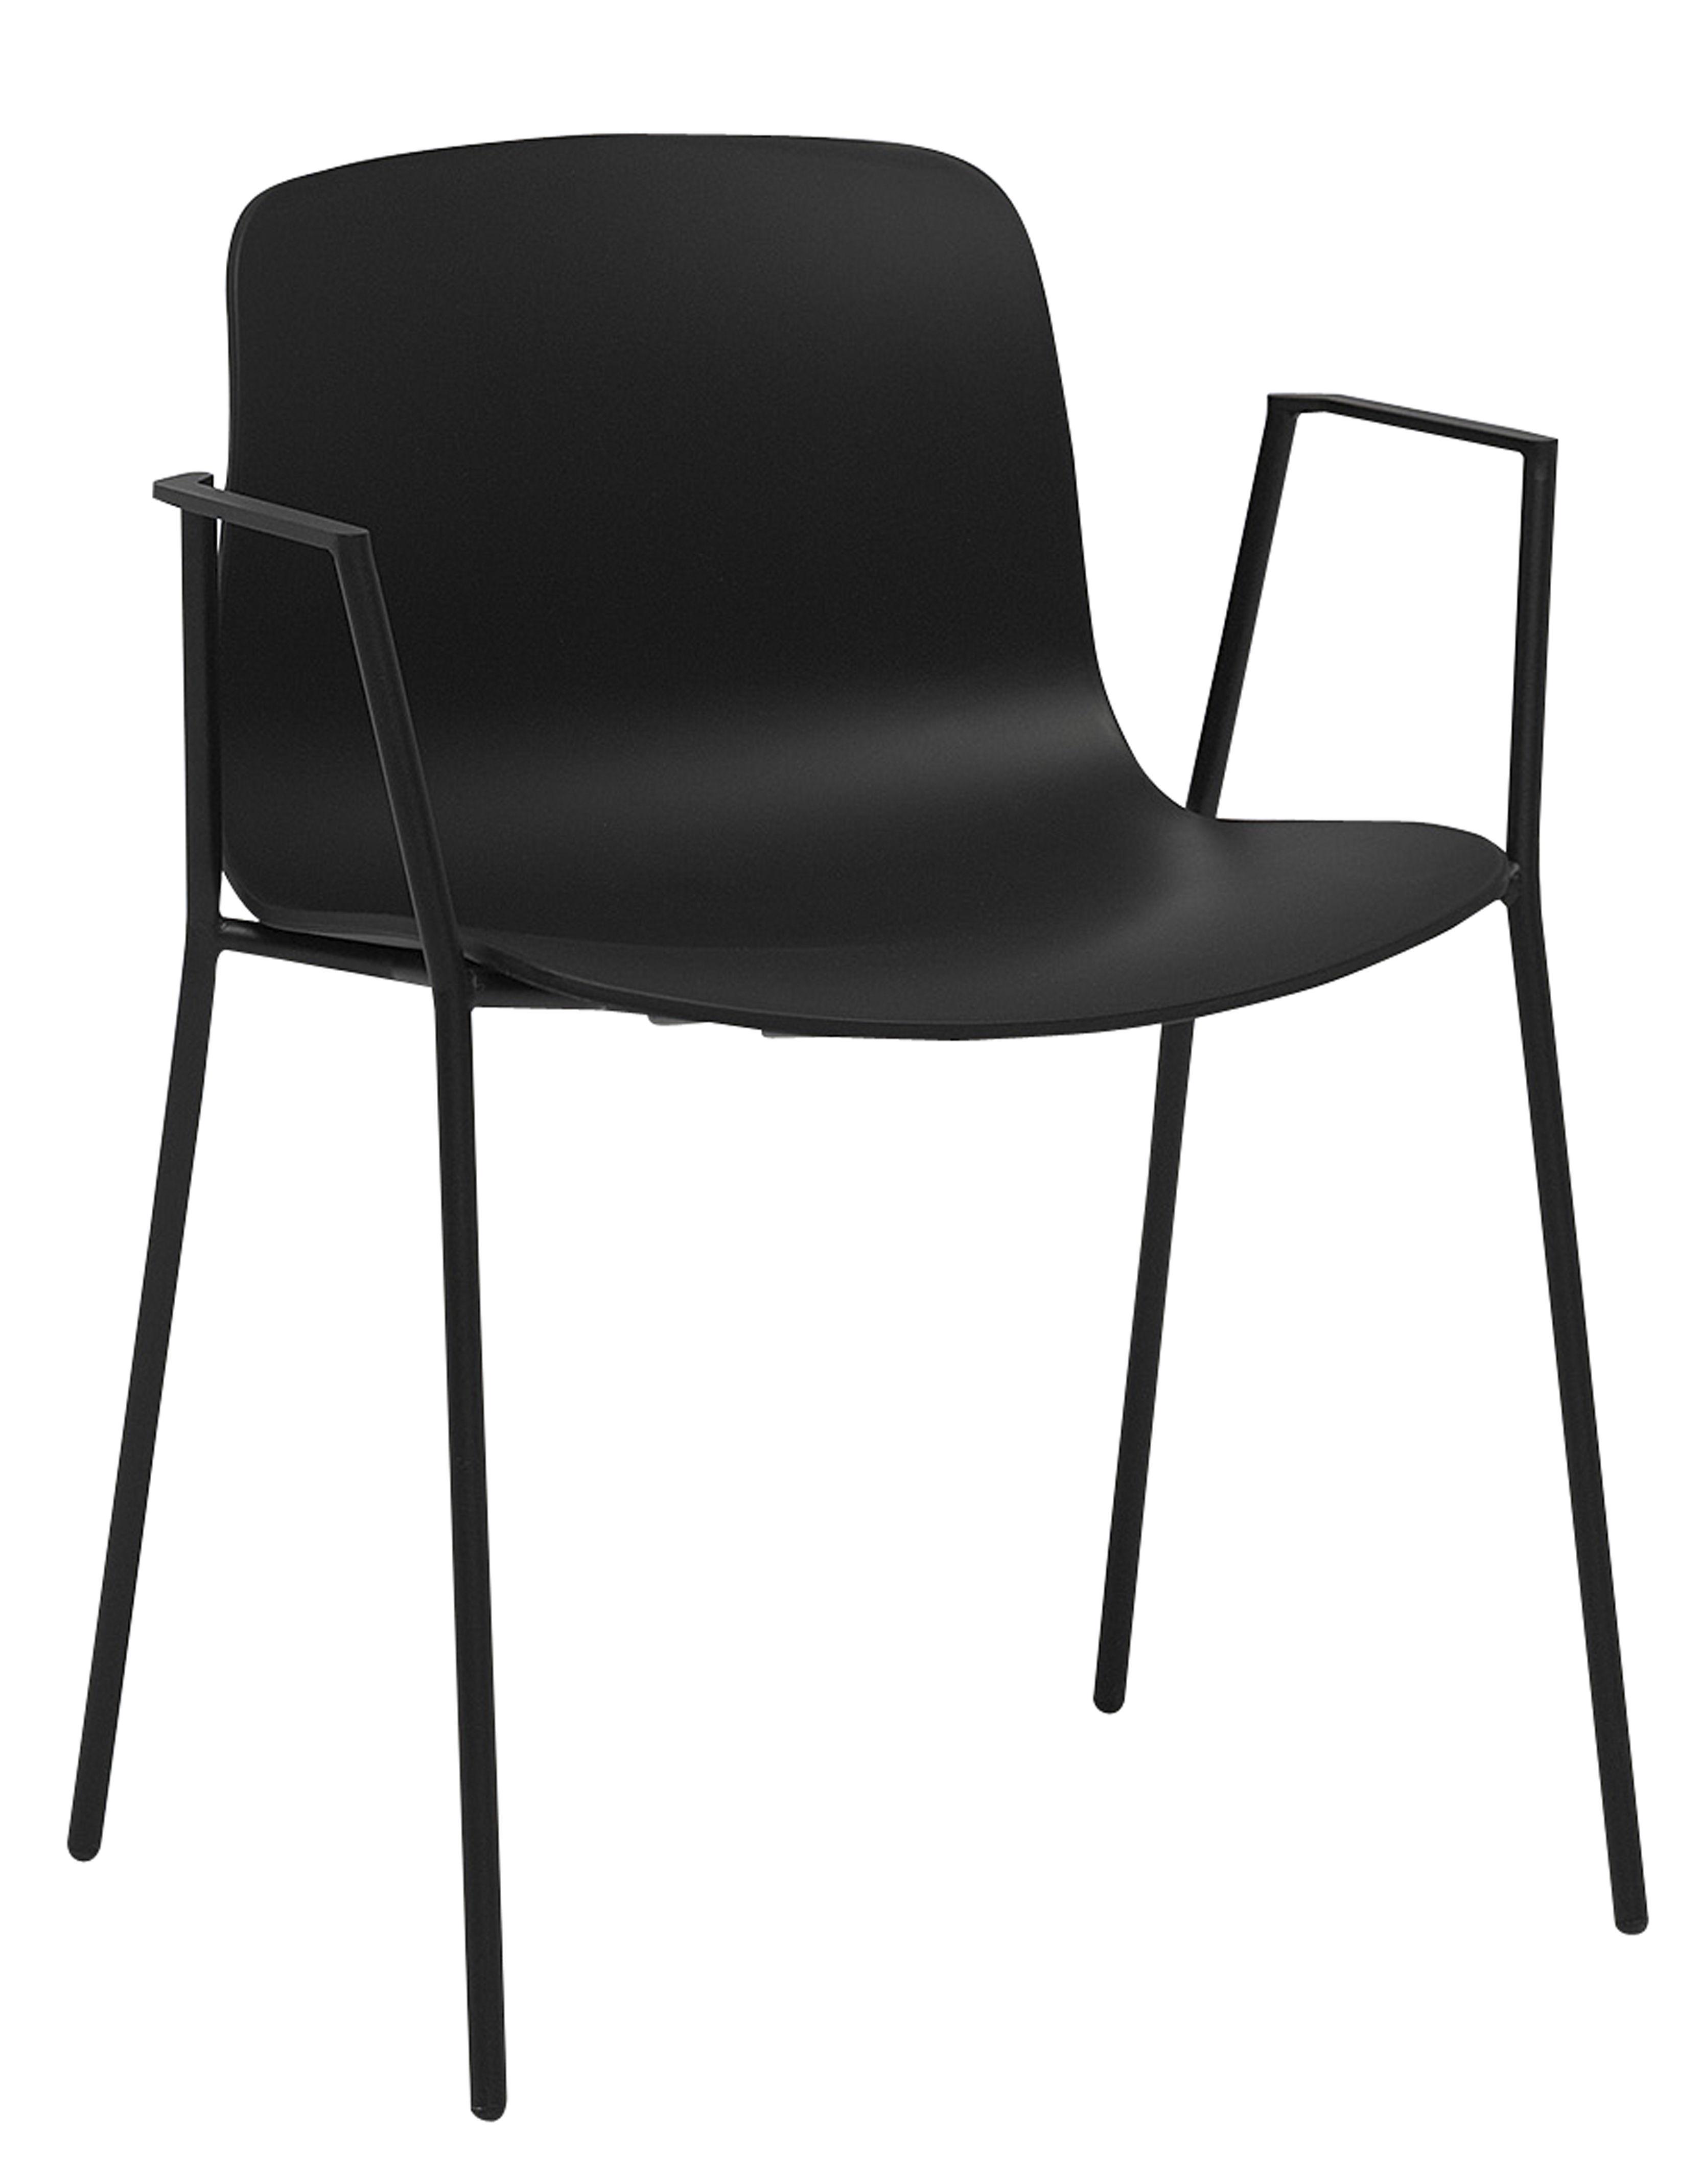 Möbel - Stühle  - About a chair AAC18 Stapelbarer Stuhl / mit Armlehnen - 4 Stuhlbeine aus Stahl - Hay - Schwarz - Polypropylen, Stahl